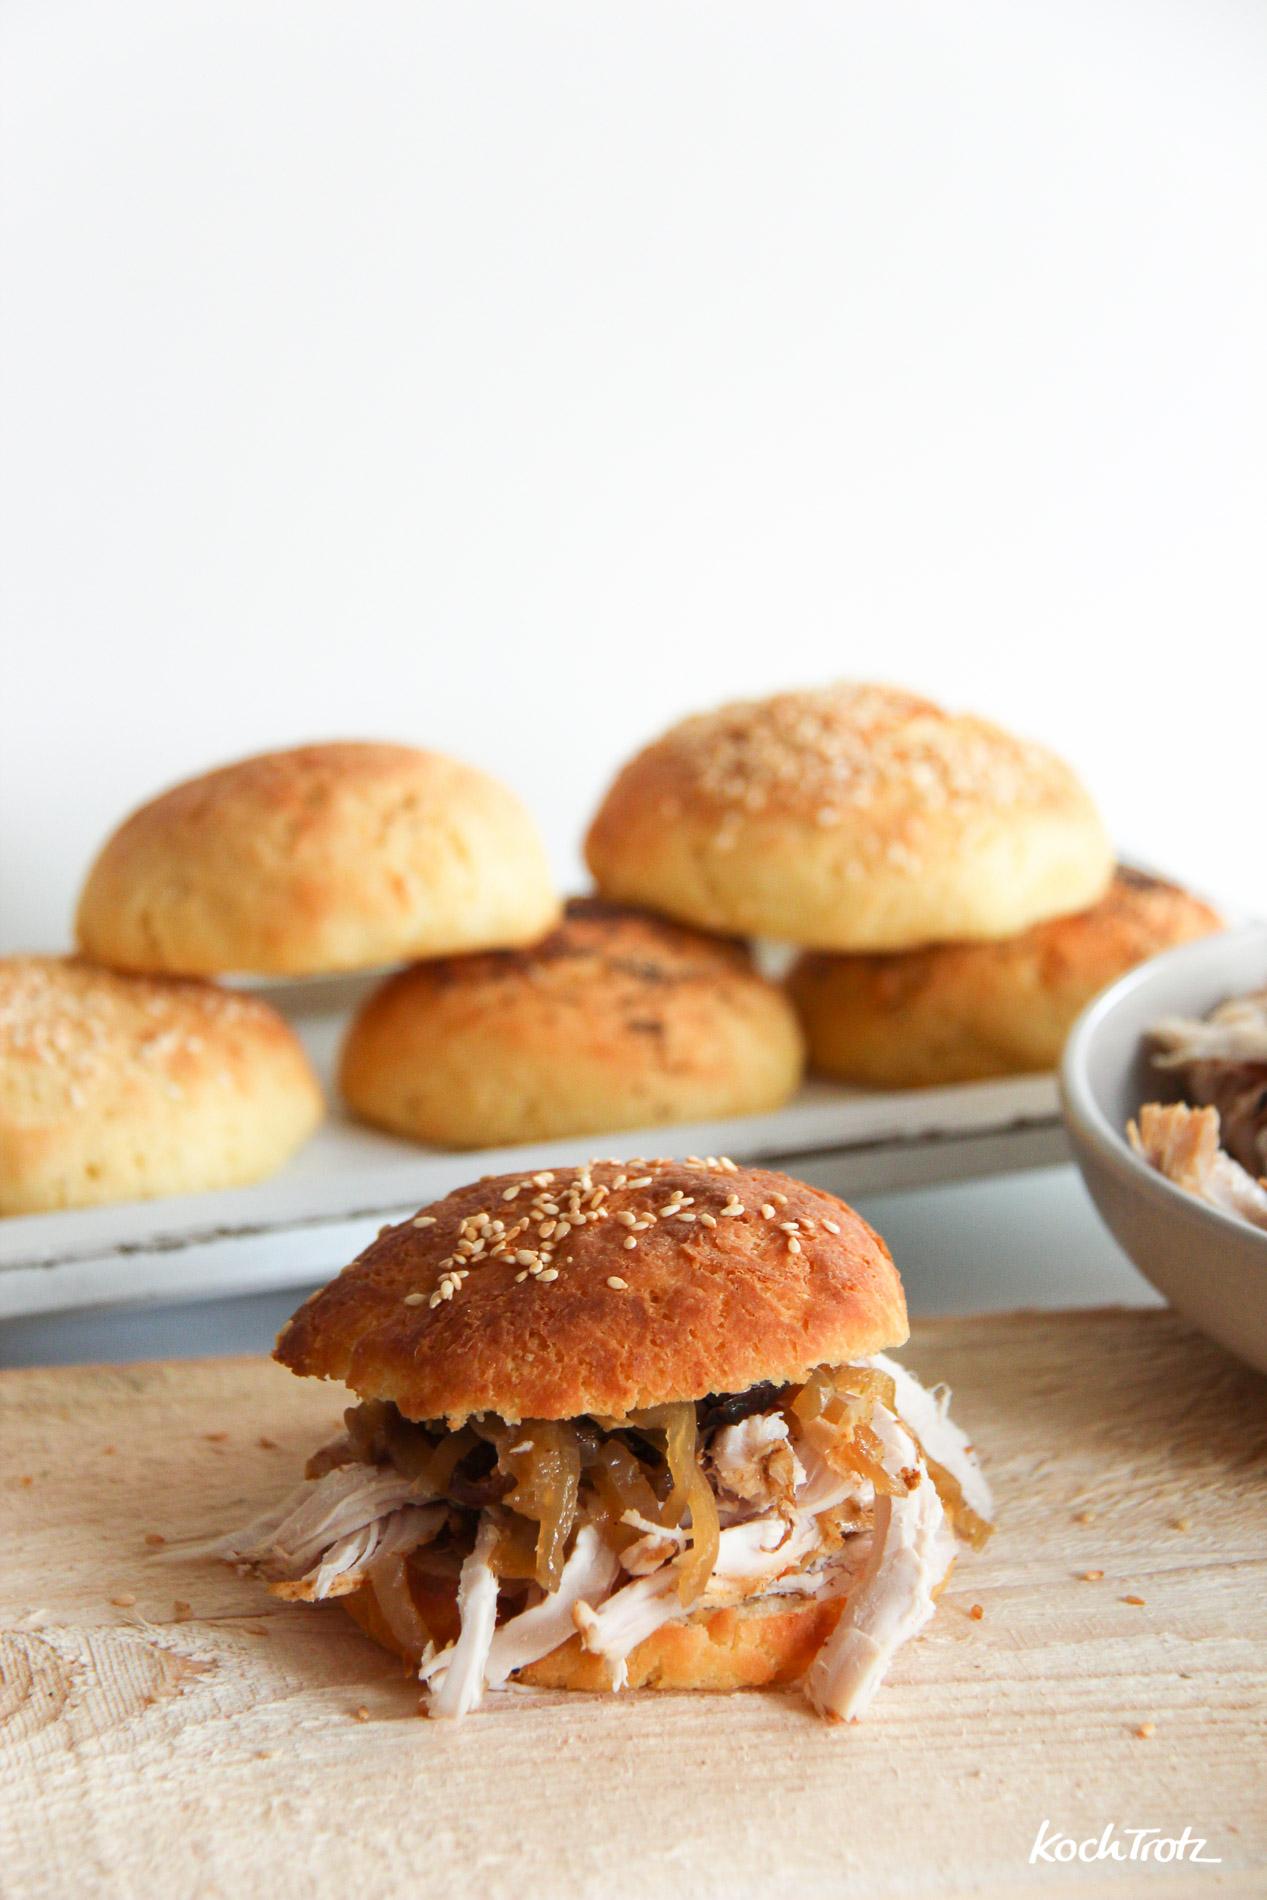 Pulled-Turkey-Burger-glutenfrei-eifrei-laktosefrei-1